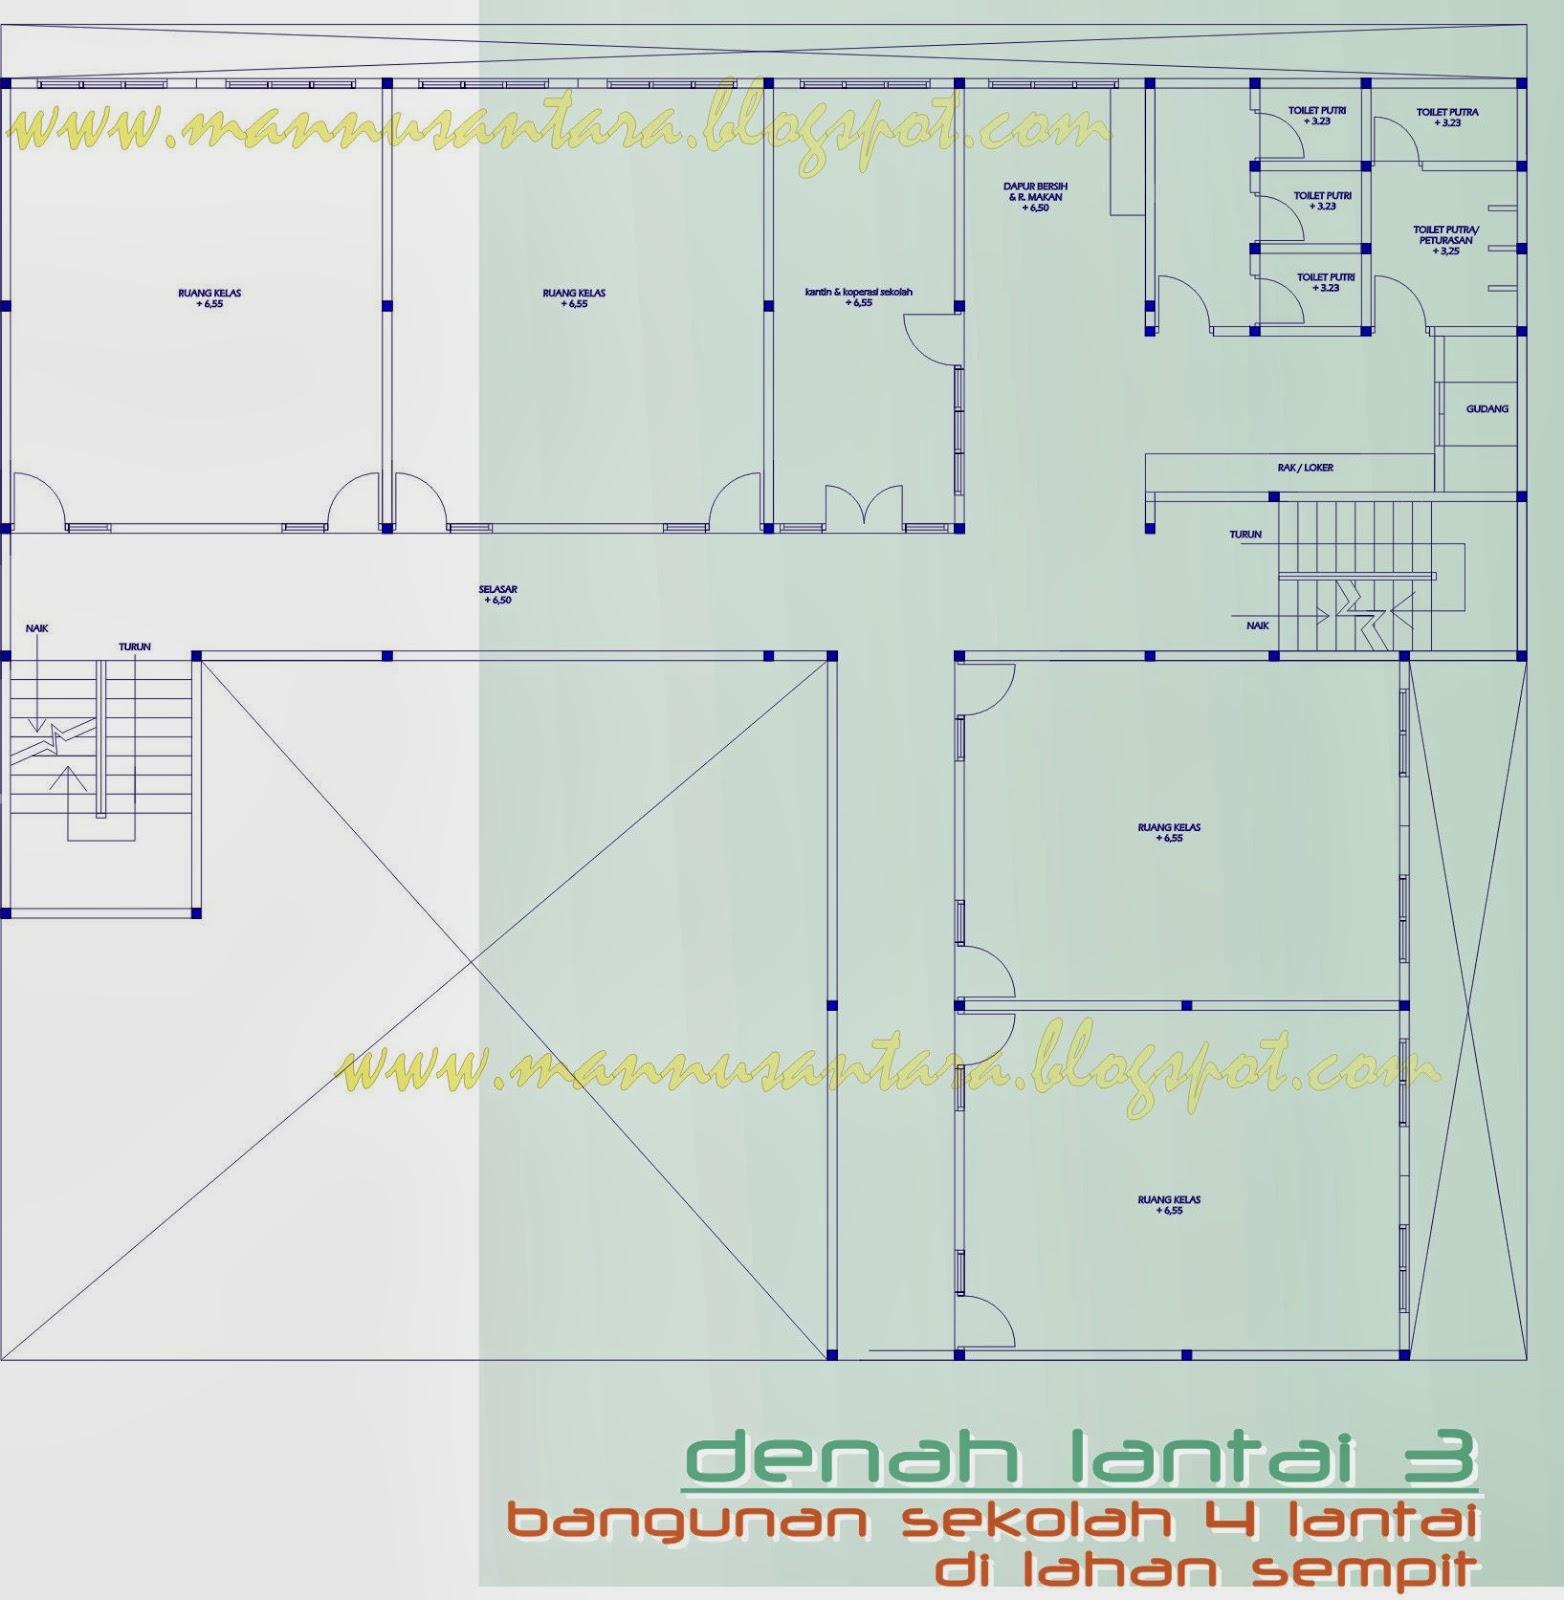 ManNusantara Design Indonesia: Desain bangunan Sekolah